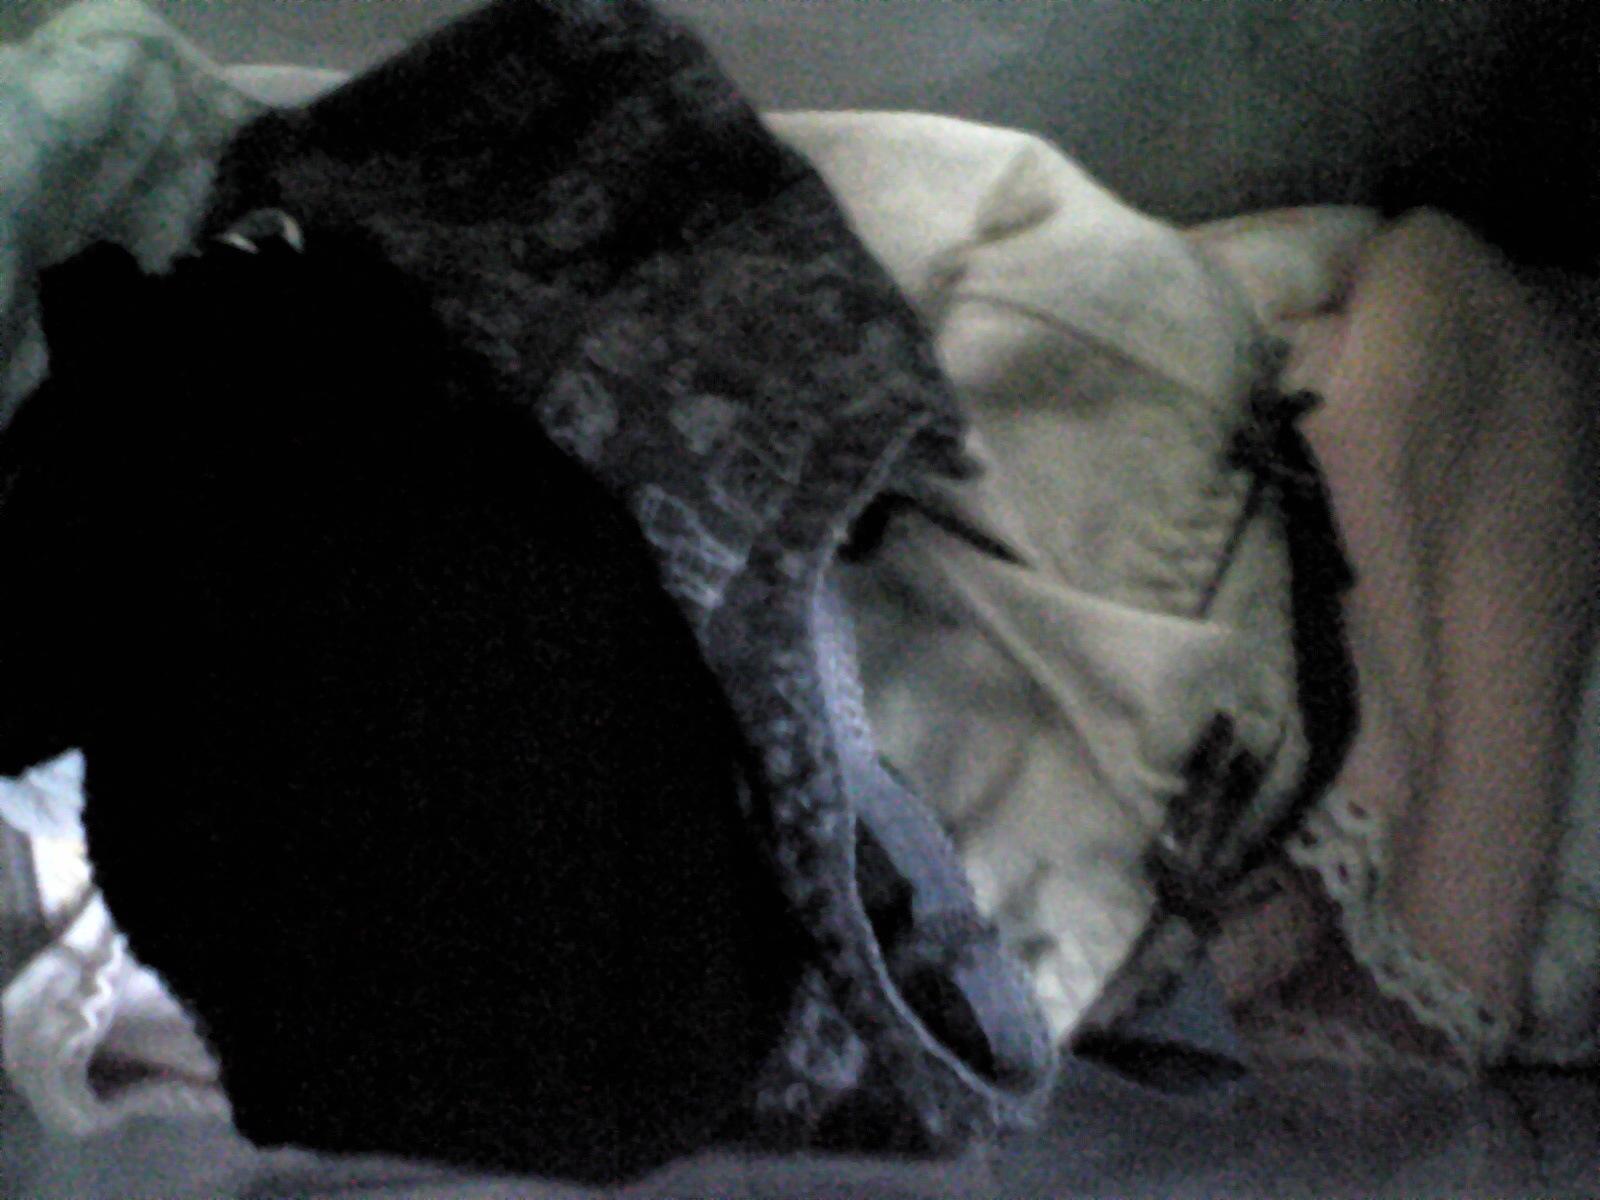 初潮を迎えたjc妹のタンスの中の下着盗撮エロ画像8枚目